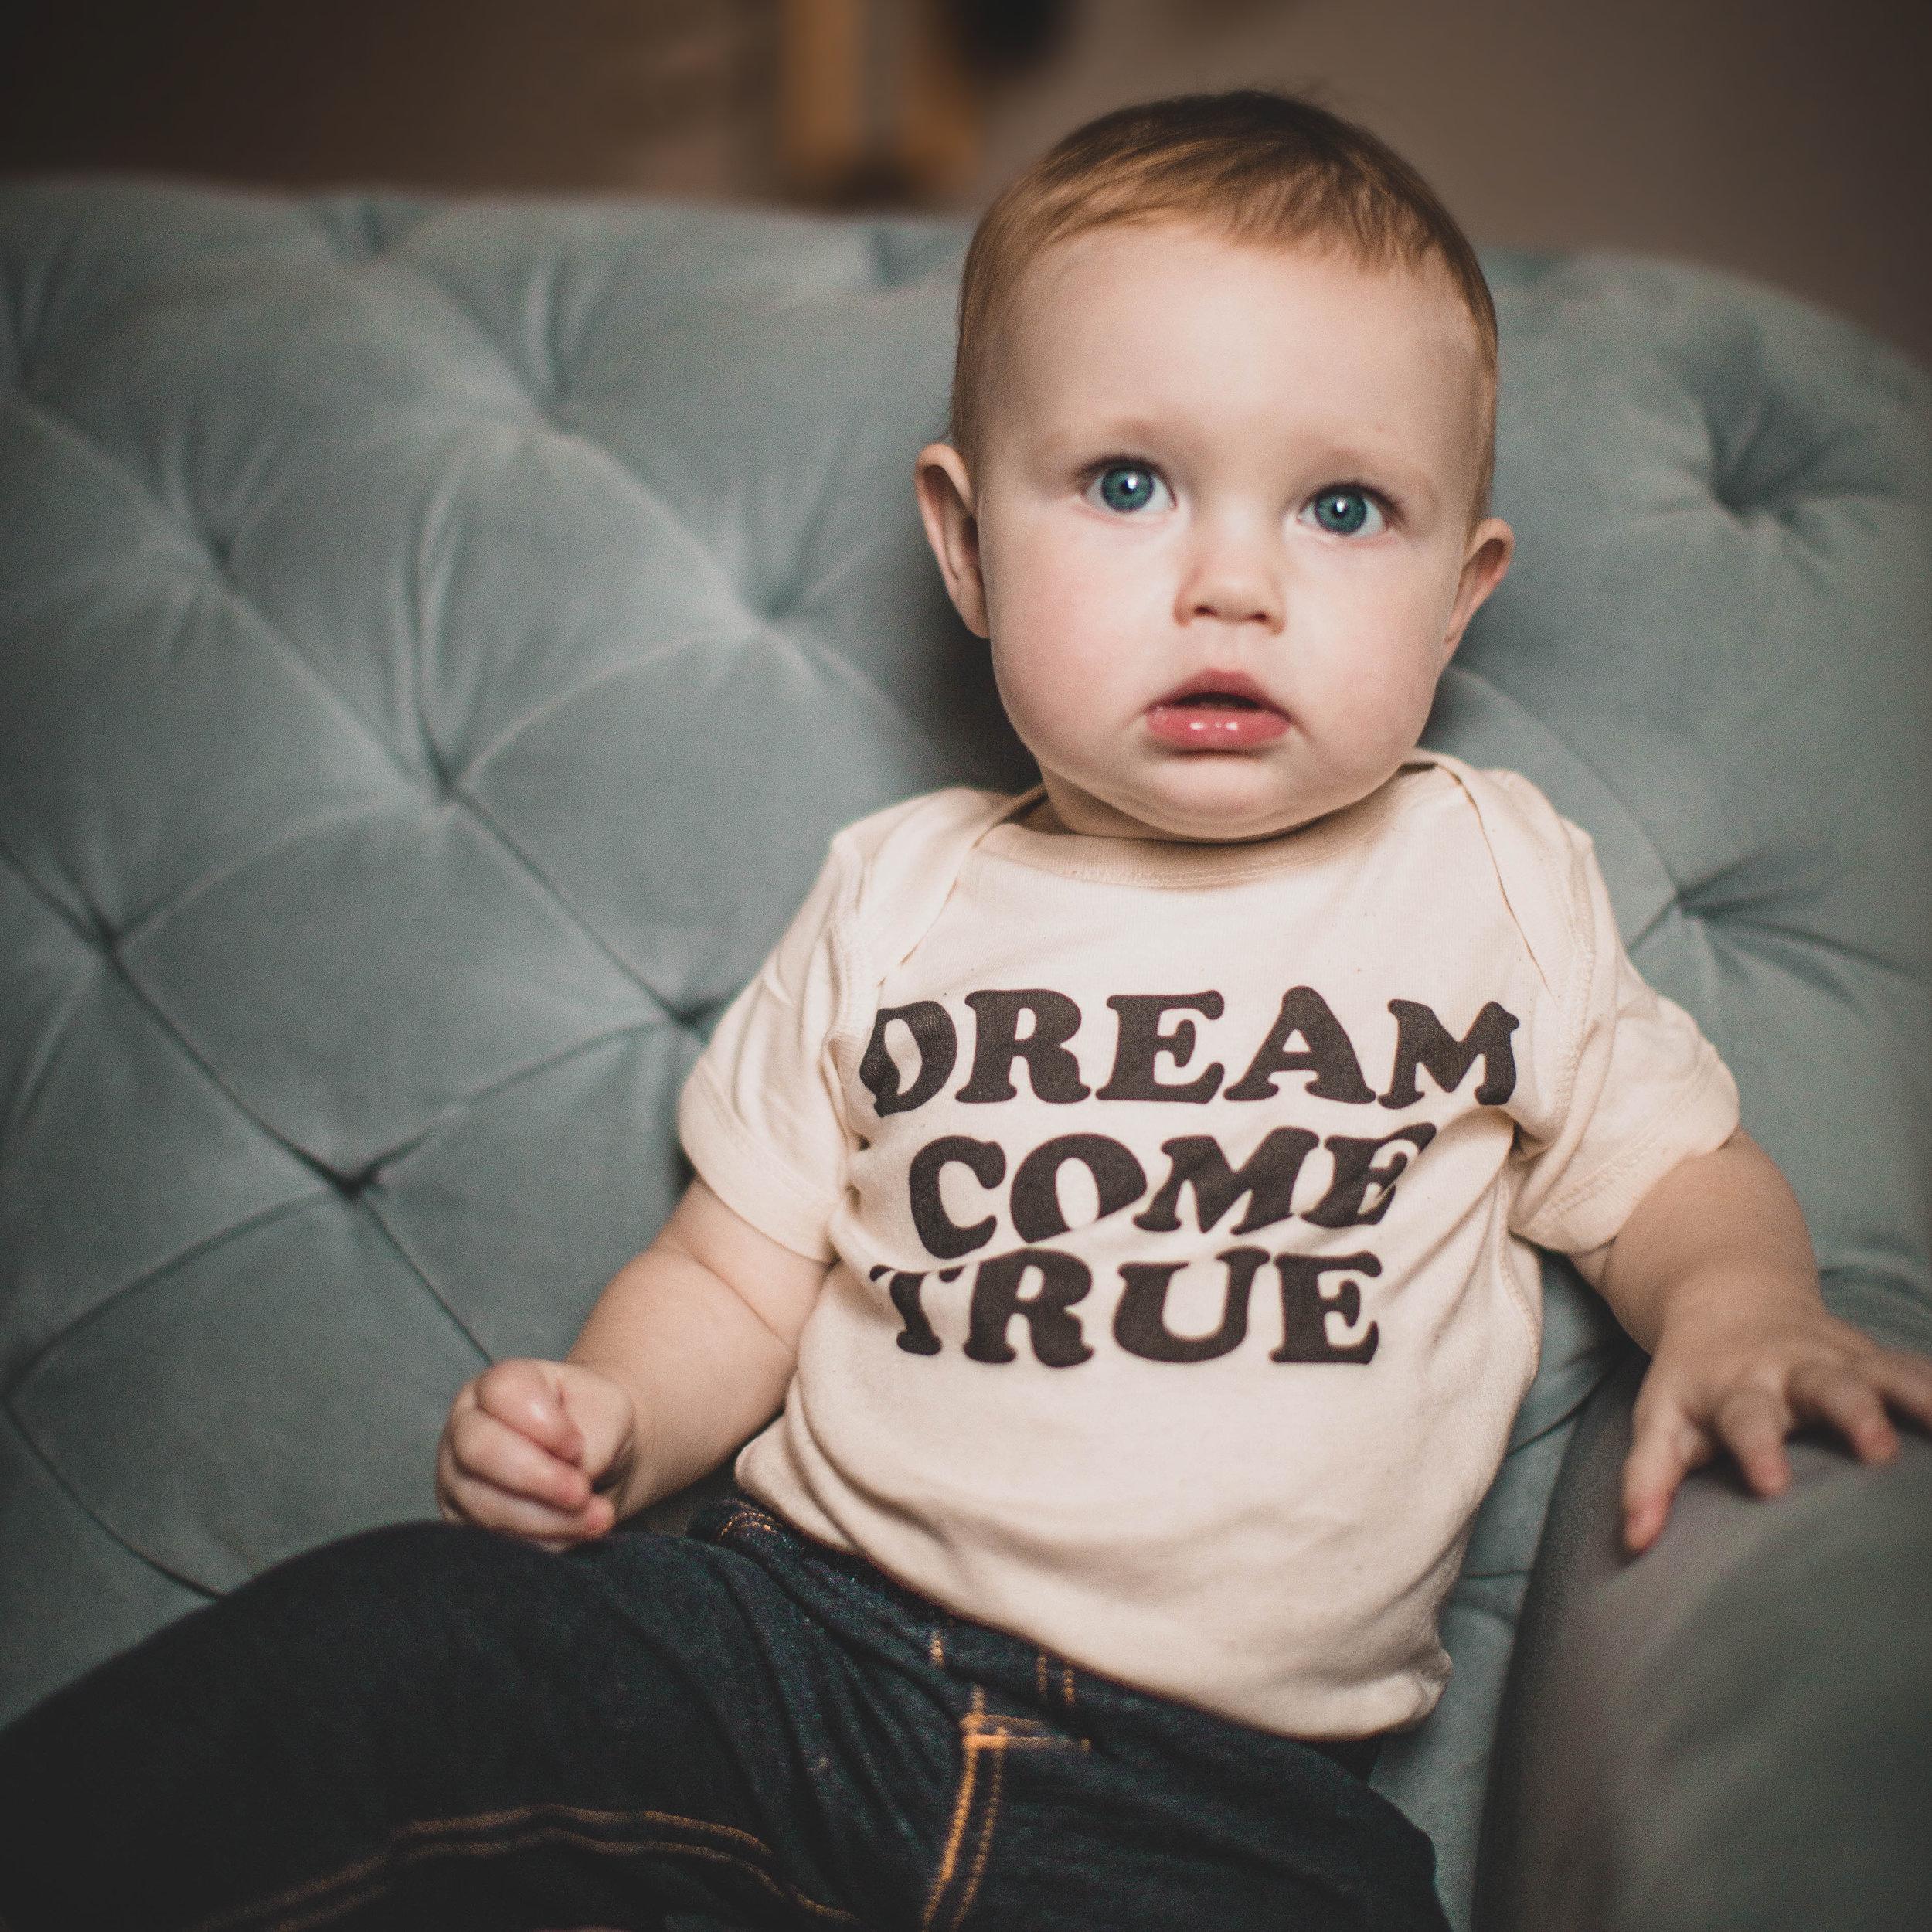 DreamComeTrue2.jpg